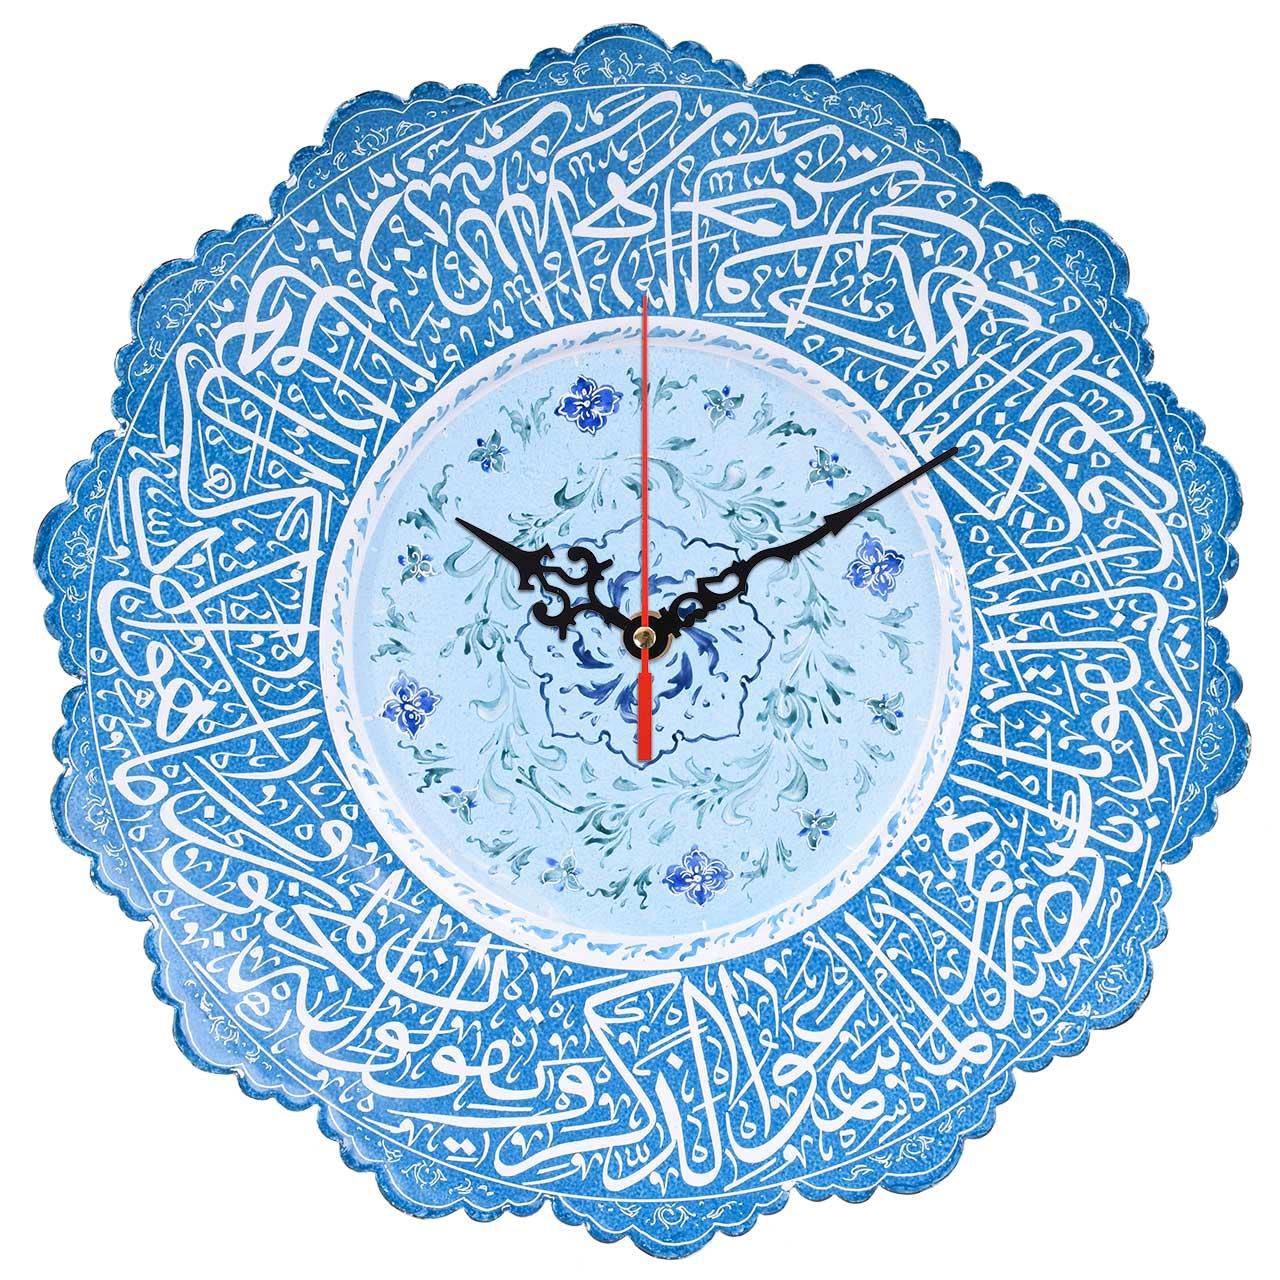 ساعت مسی میناکاری صالحی زاده طرح خطاطی آیه ان یکاد مدل 00-26 سایز 30 سانتیمتر